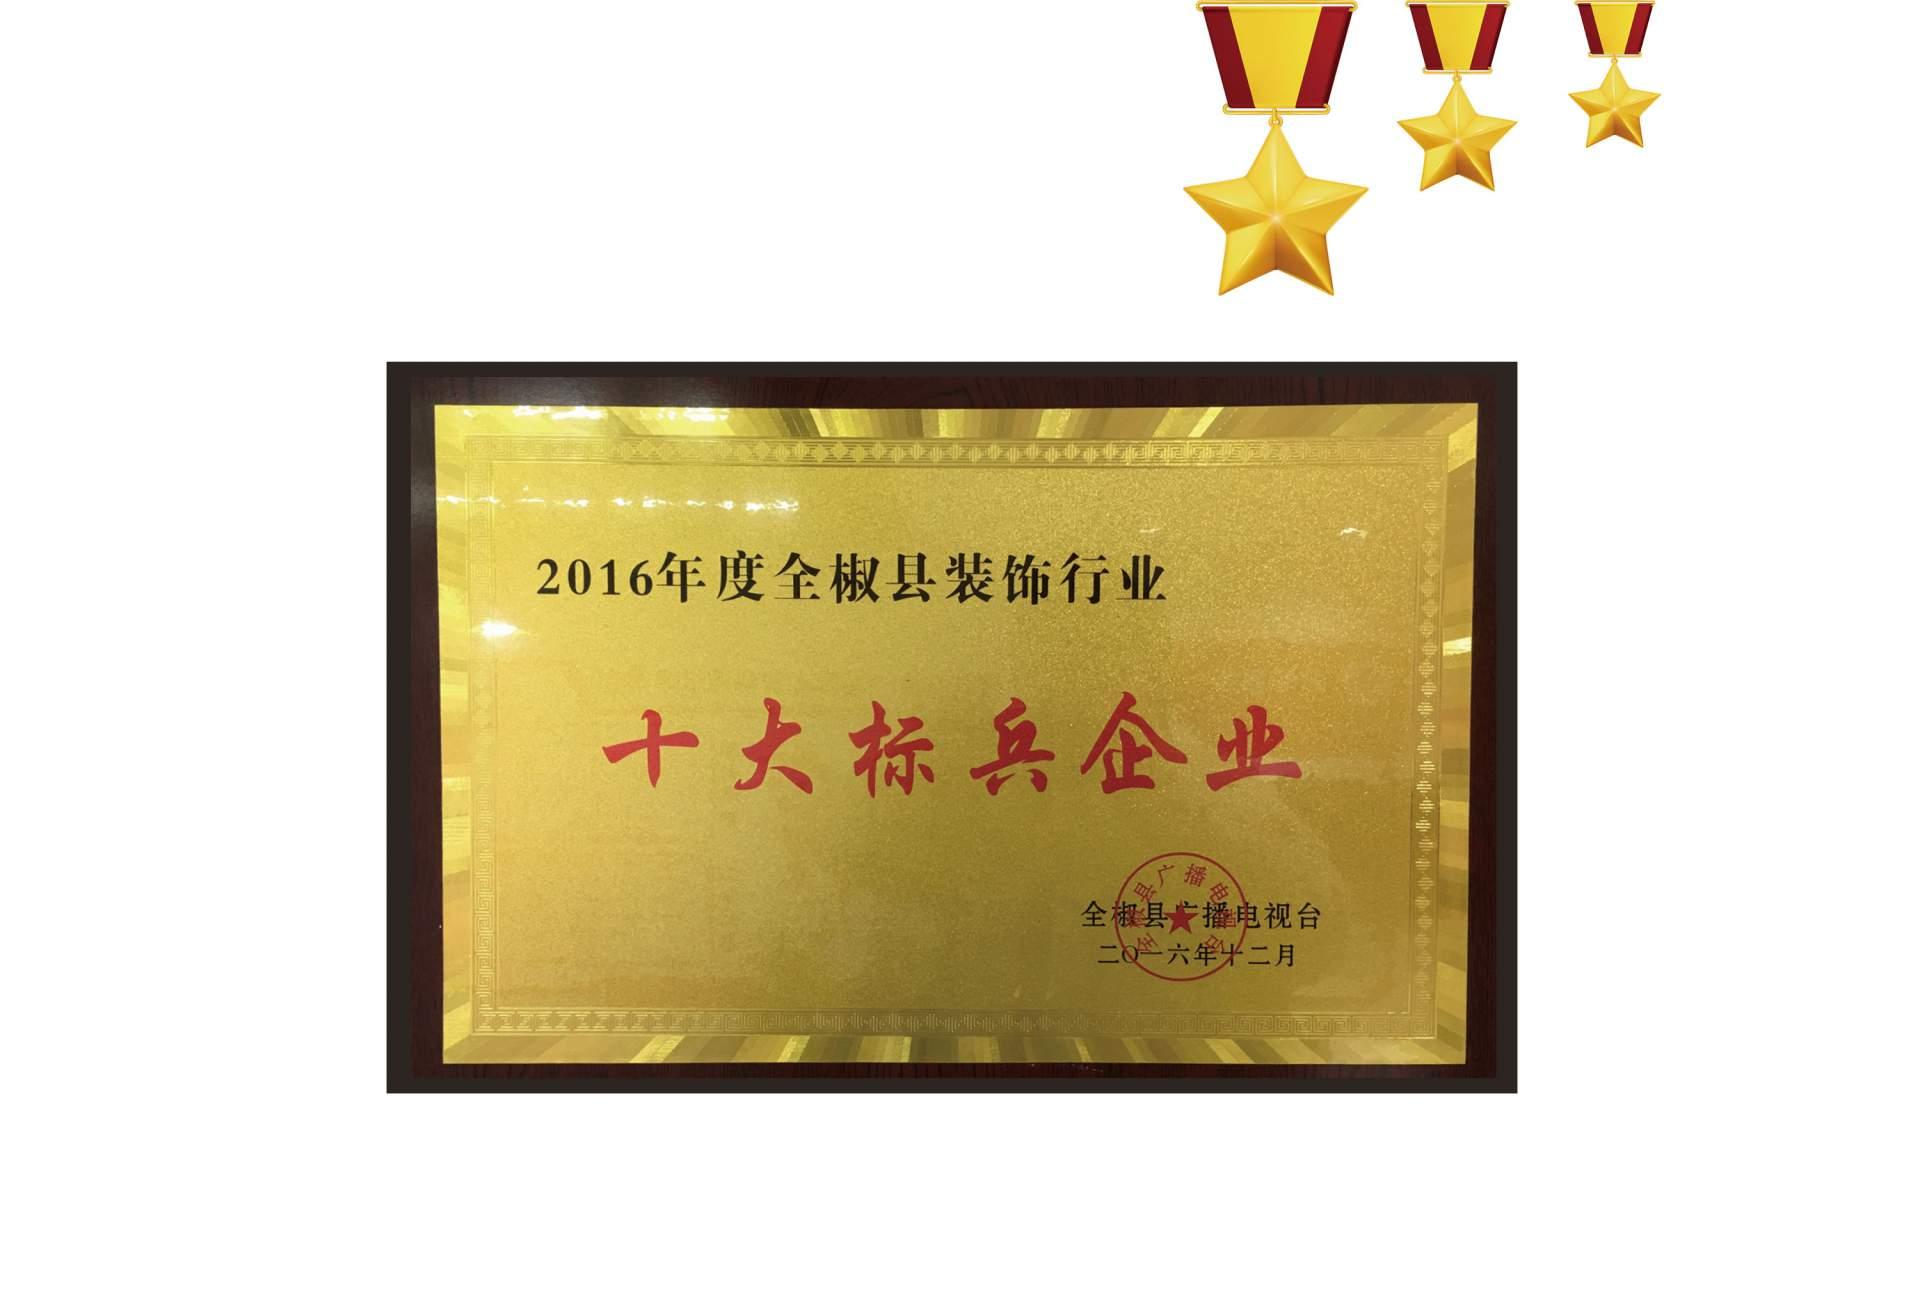 2016年全椒广播电视台授予公司十大标兵企业称号